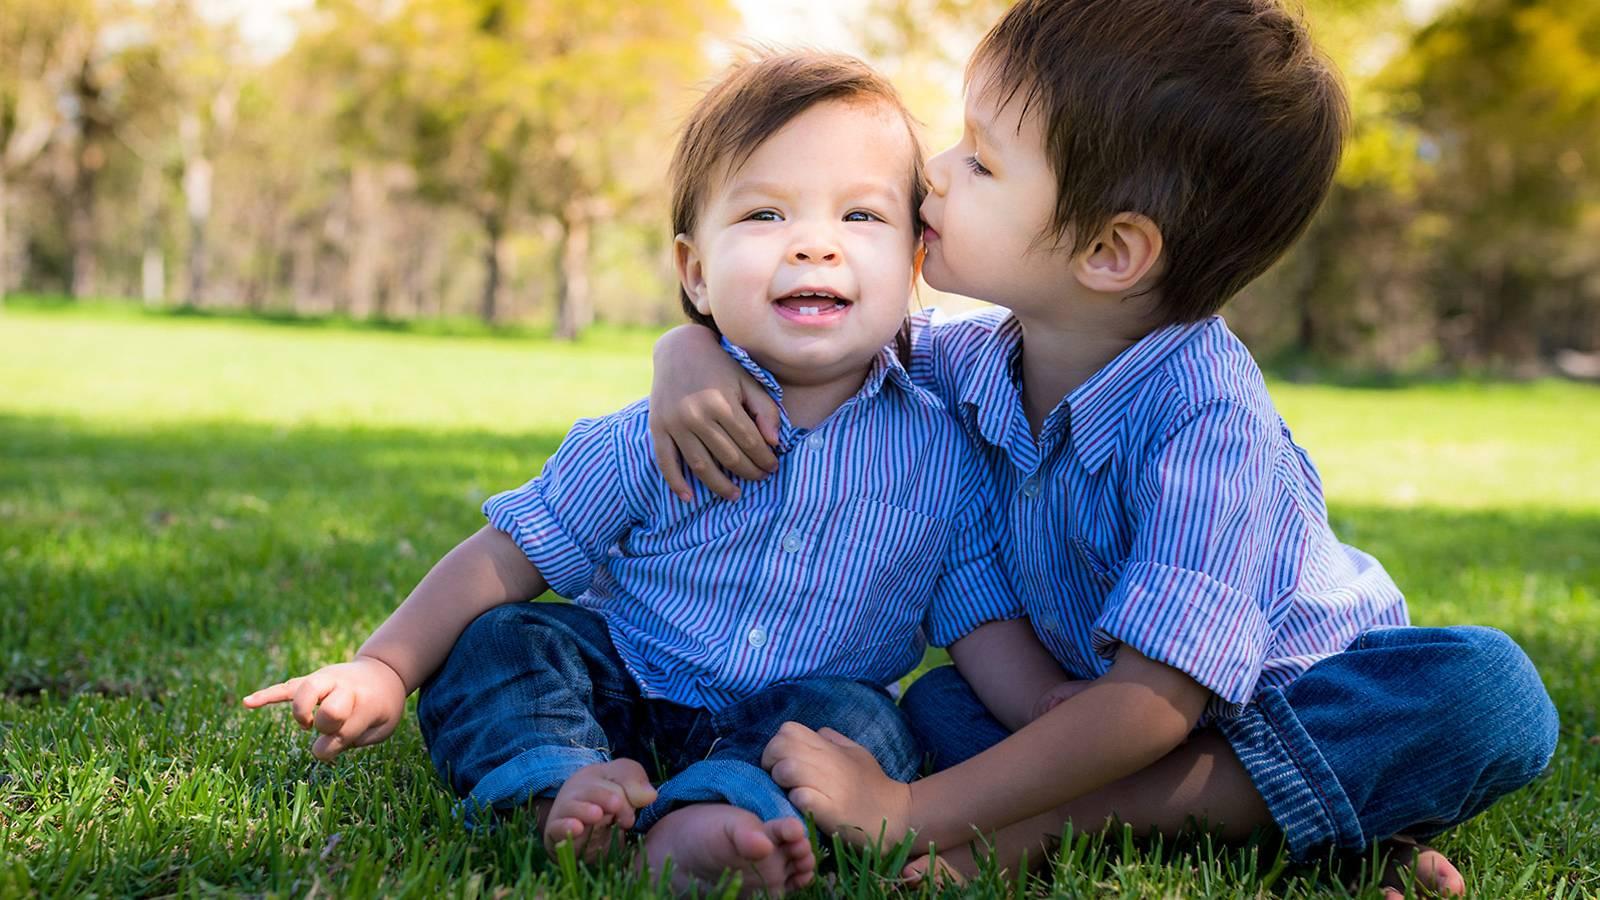 Jarak Ideal Usia antara Kakak dan Adik Harus Dipertimbangkan Orang Tua